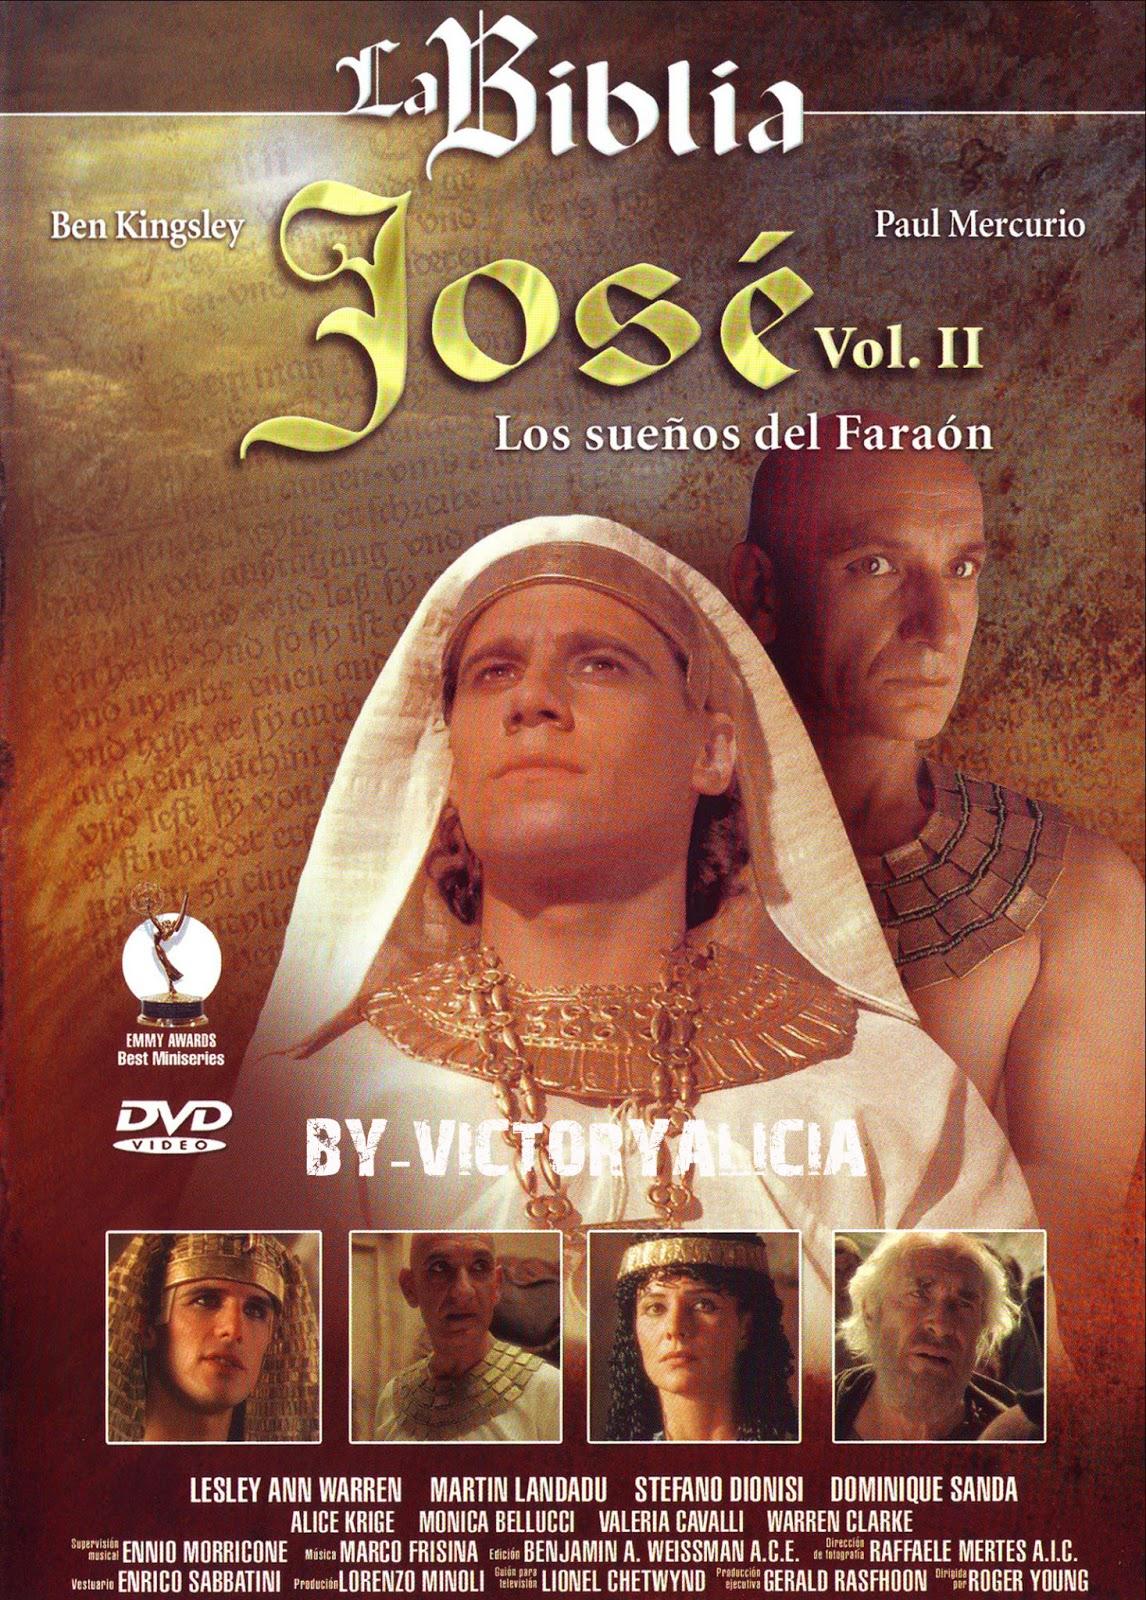 http://2.bp.blogspot.com/-pQfddFiYpc8/UVYvx6nNf6I/AAAAAAAAGDU/Eugb9Yb7Vk8/s1600/La_Biblia_-_2007_-_Volumen_05_por_Jenova_DVD.jpg